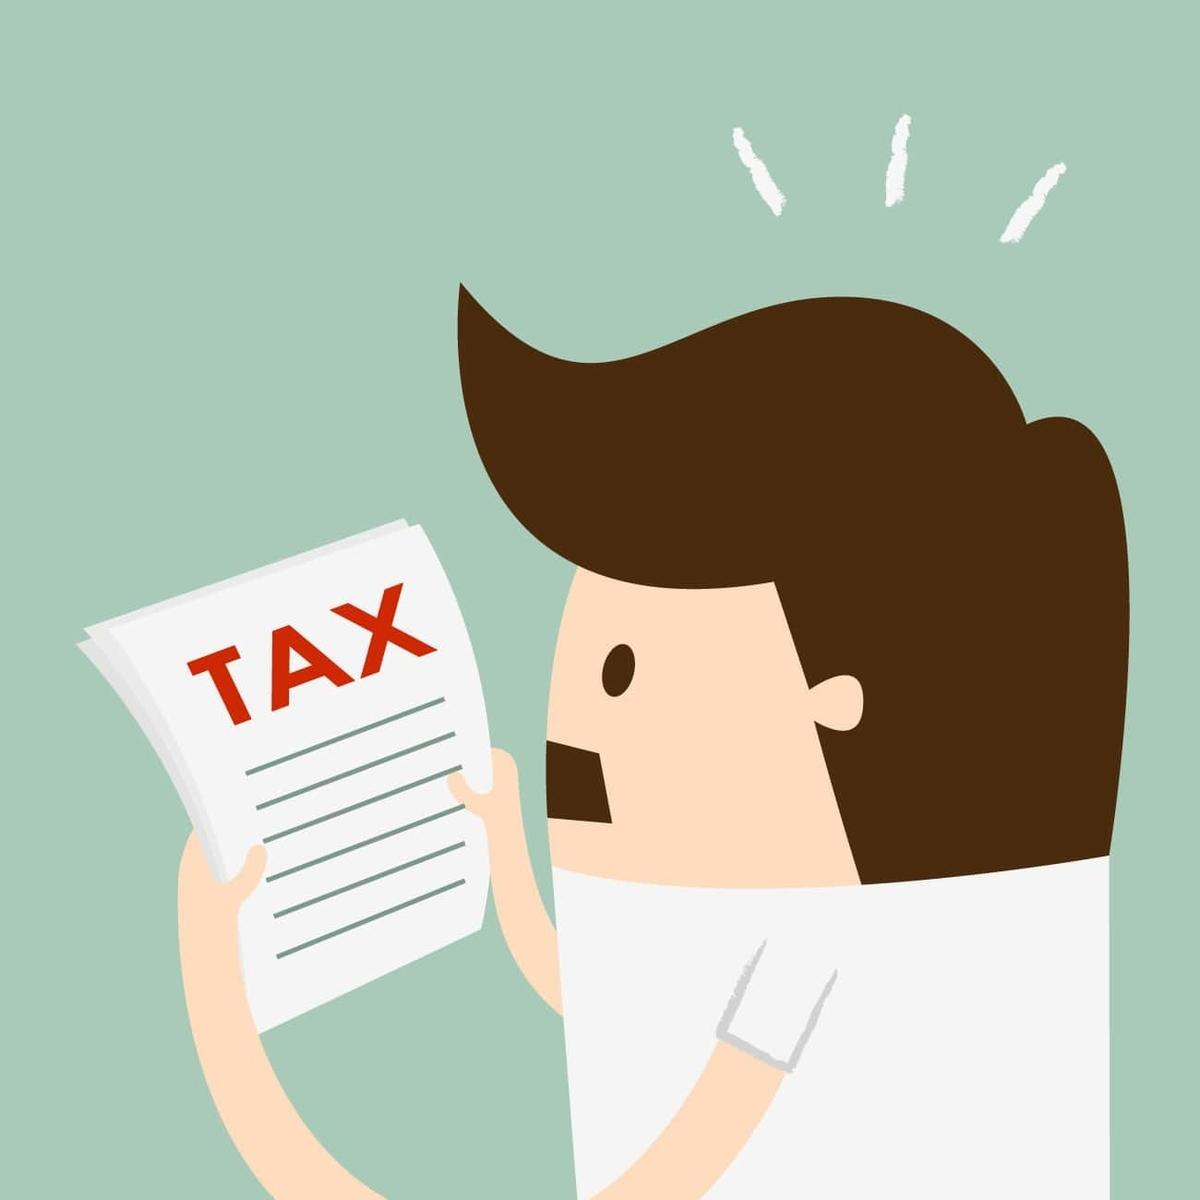 税務調査とは?|まずは税務調査について理解しよう!